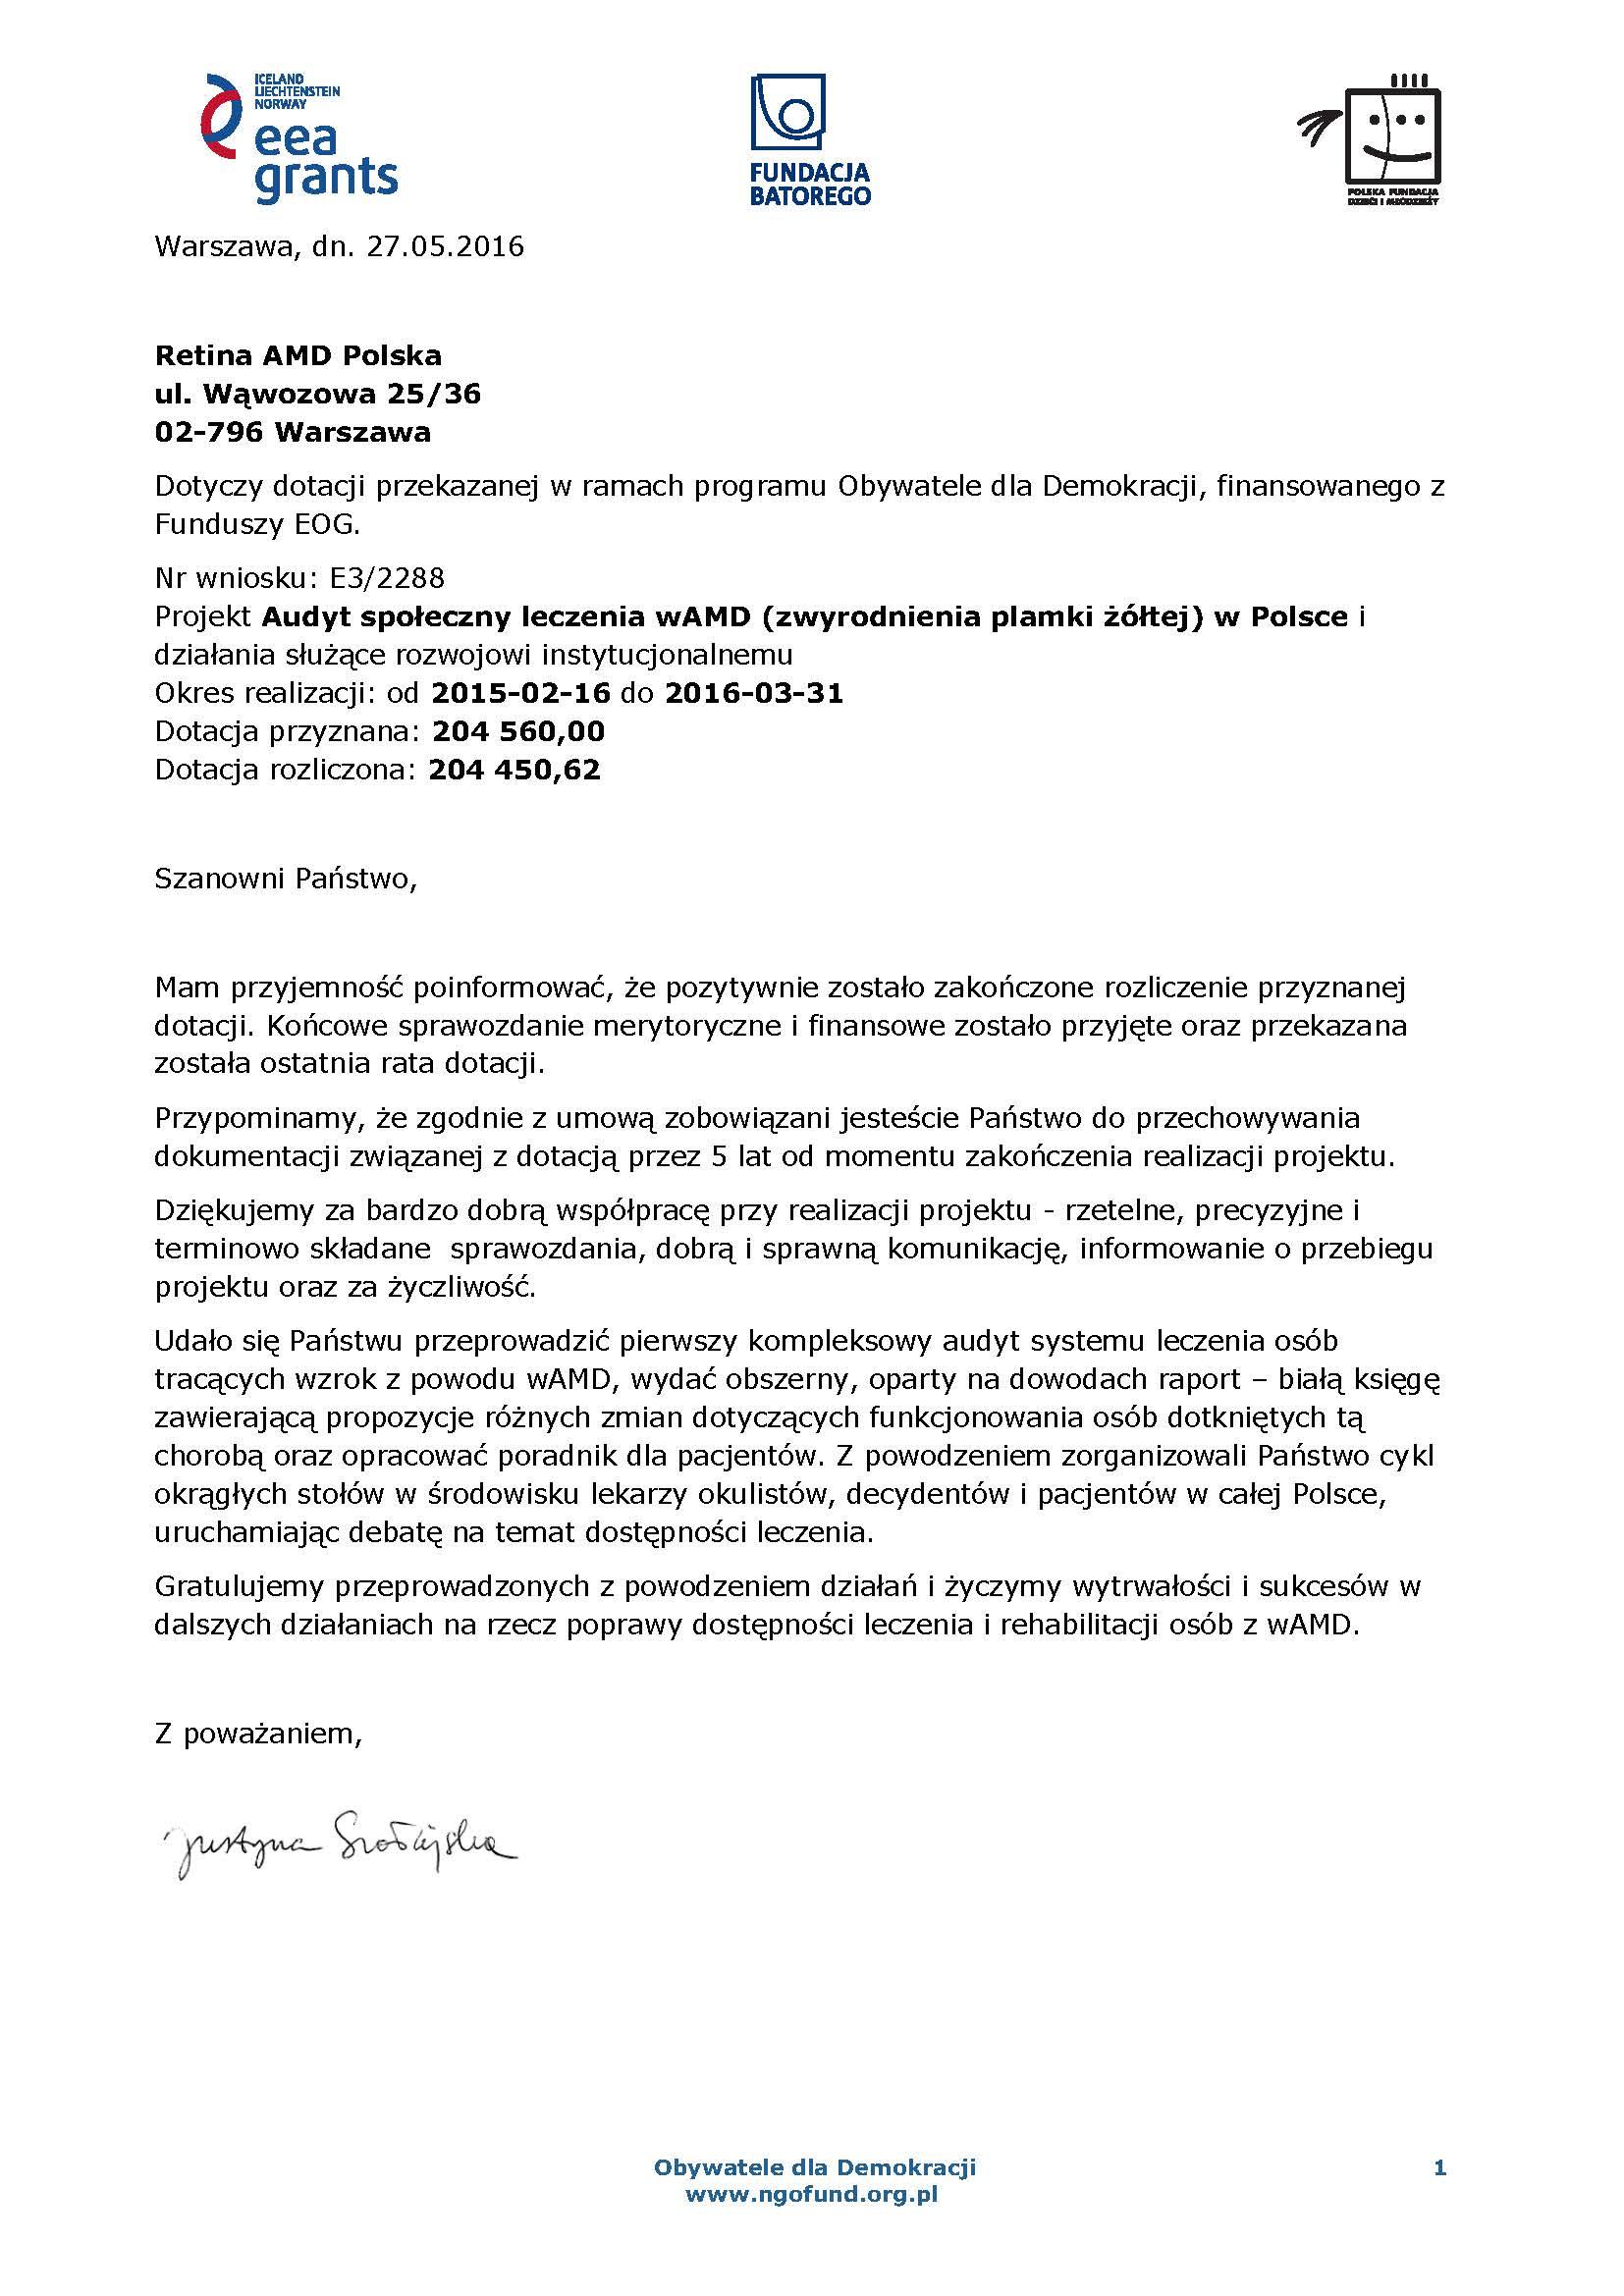 referencje-E3-2288-Retina-AMD-Polska